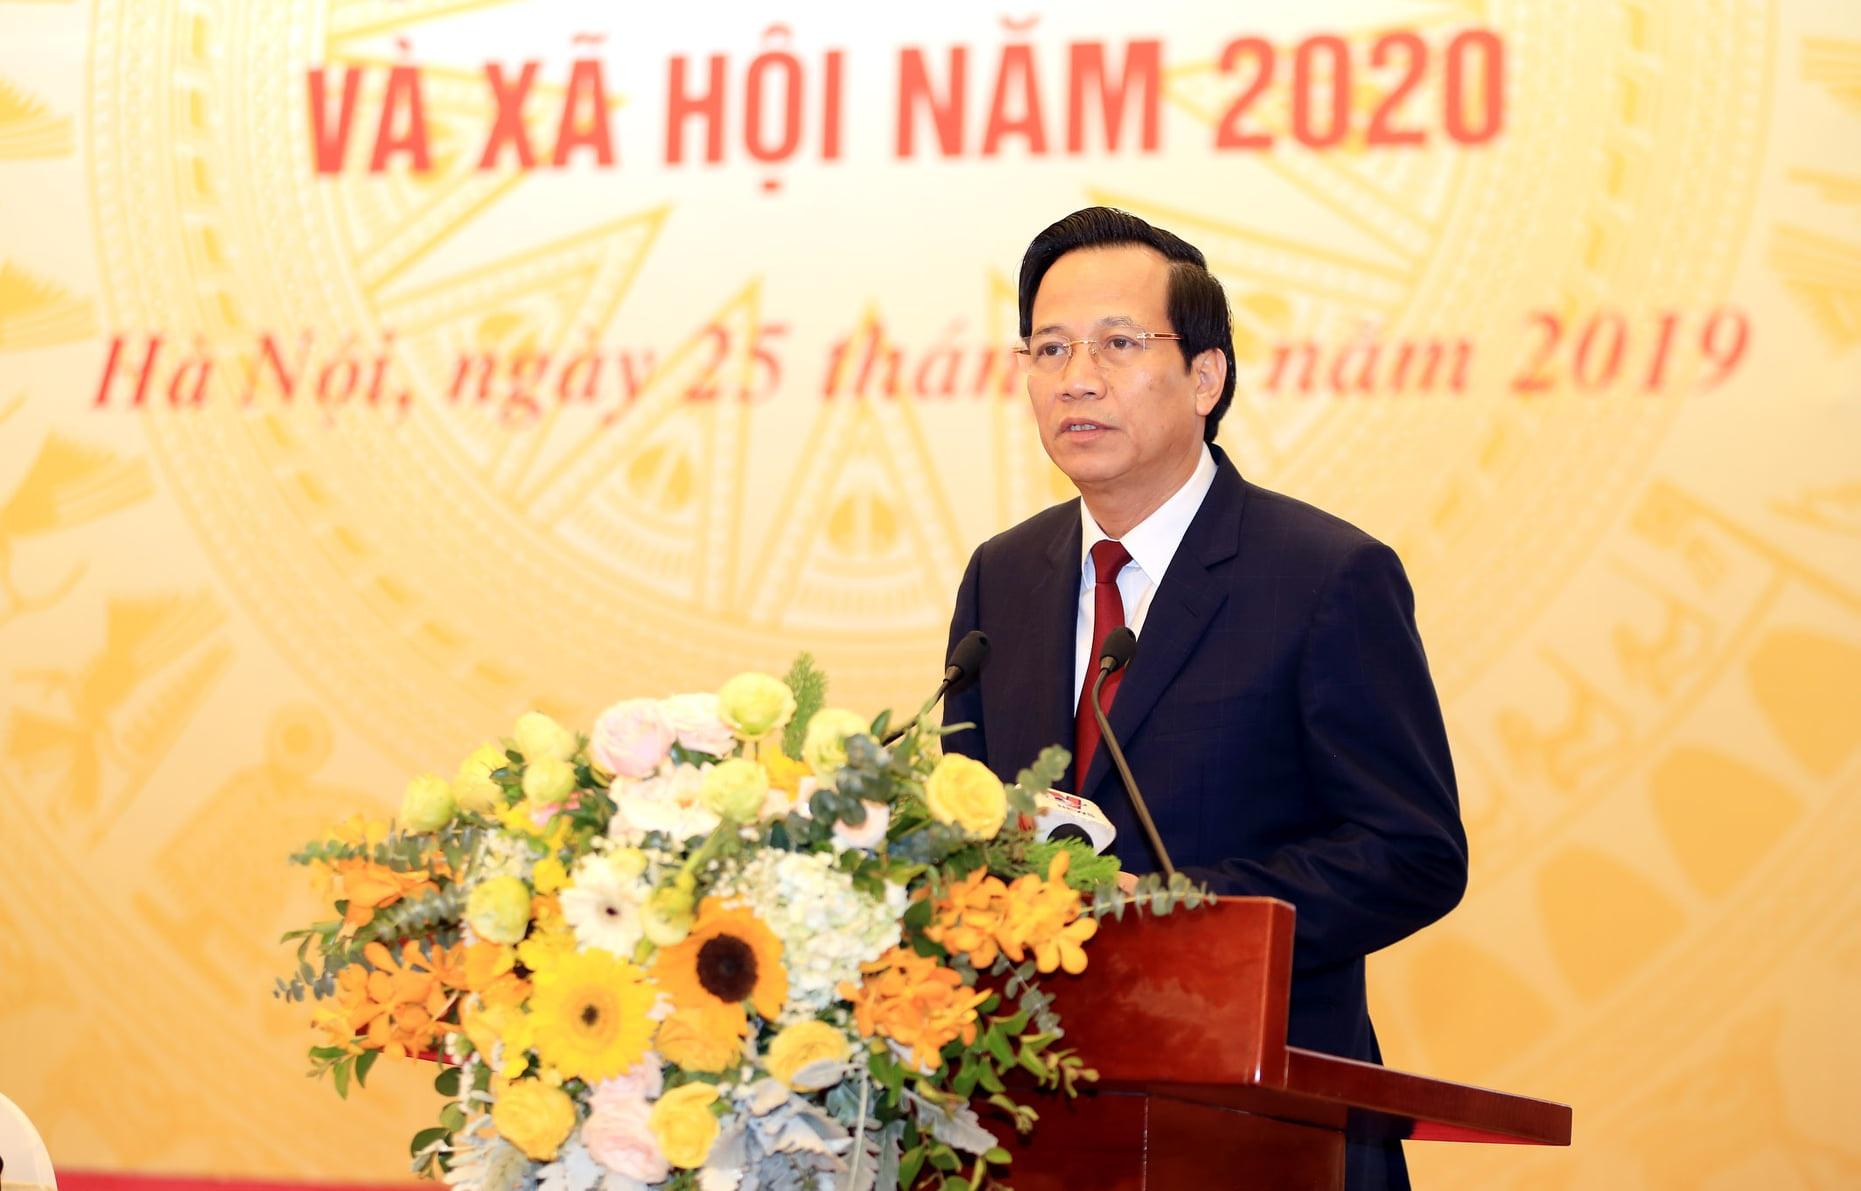 Bộ trưởng Đào Ngọc Dung: Cả nước tạo việc làm cho hơn 1,6 triệu lao động - 1